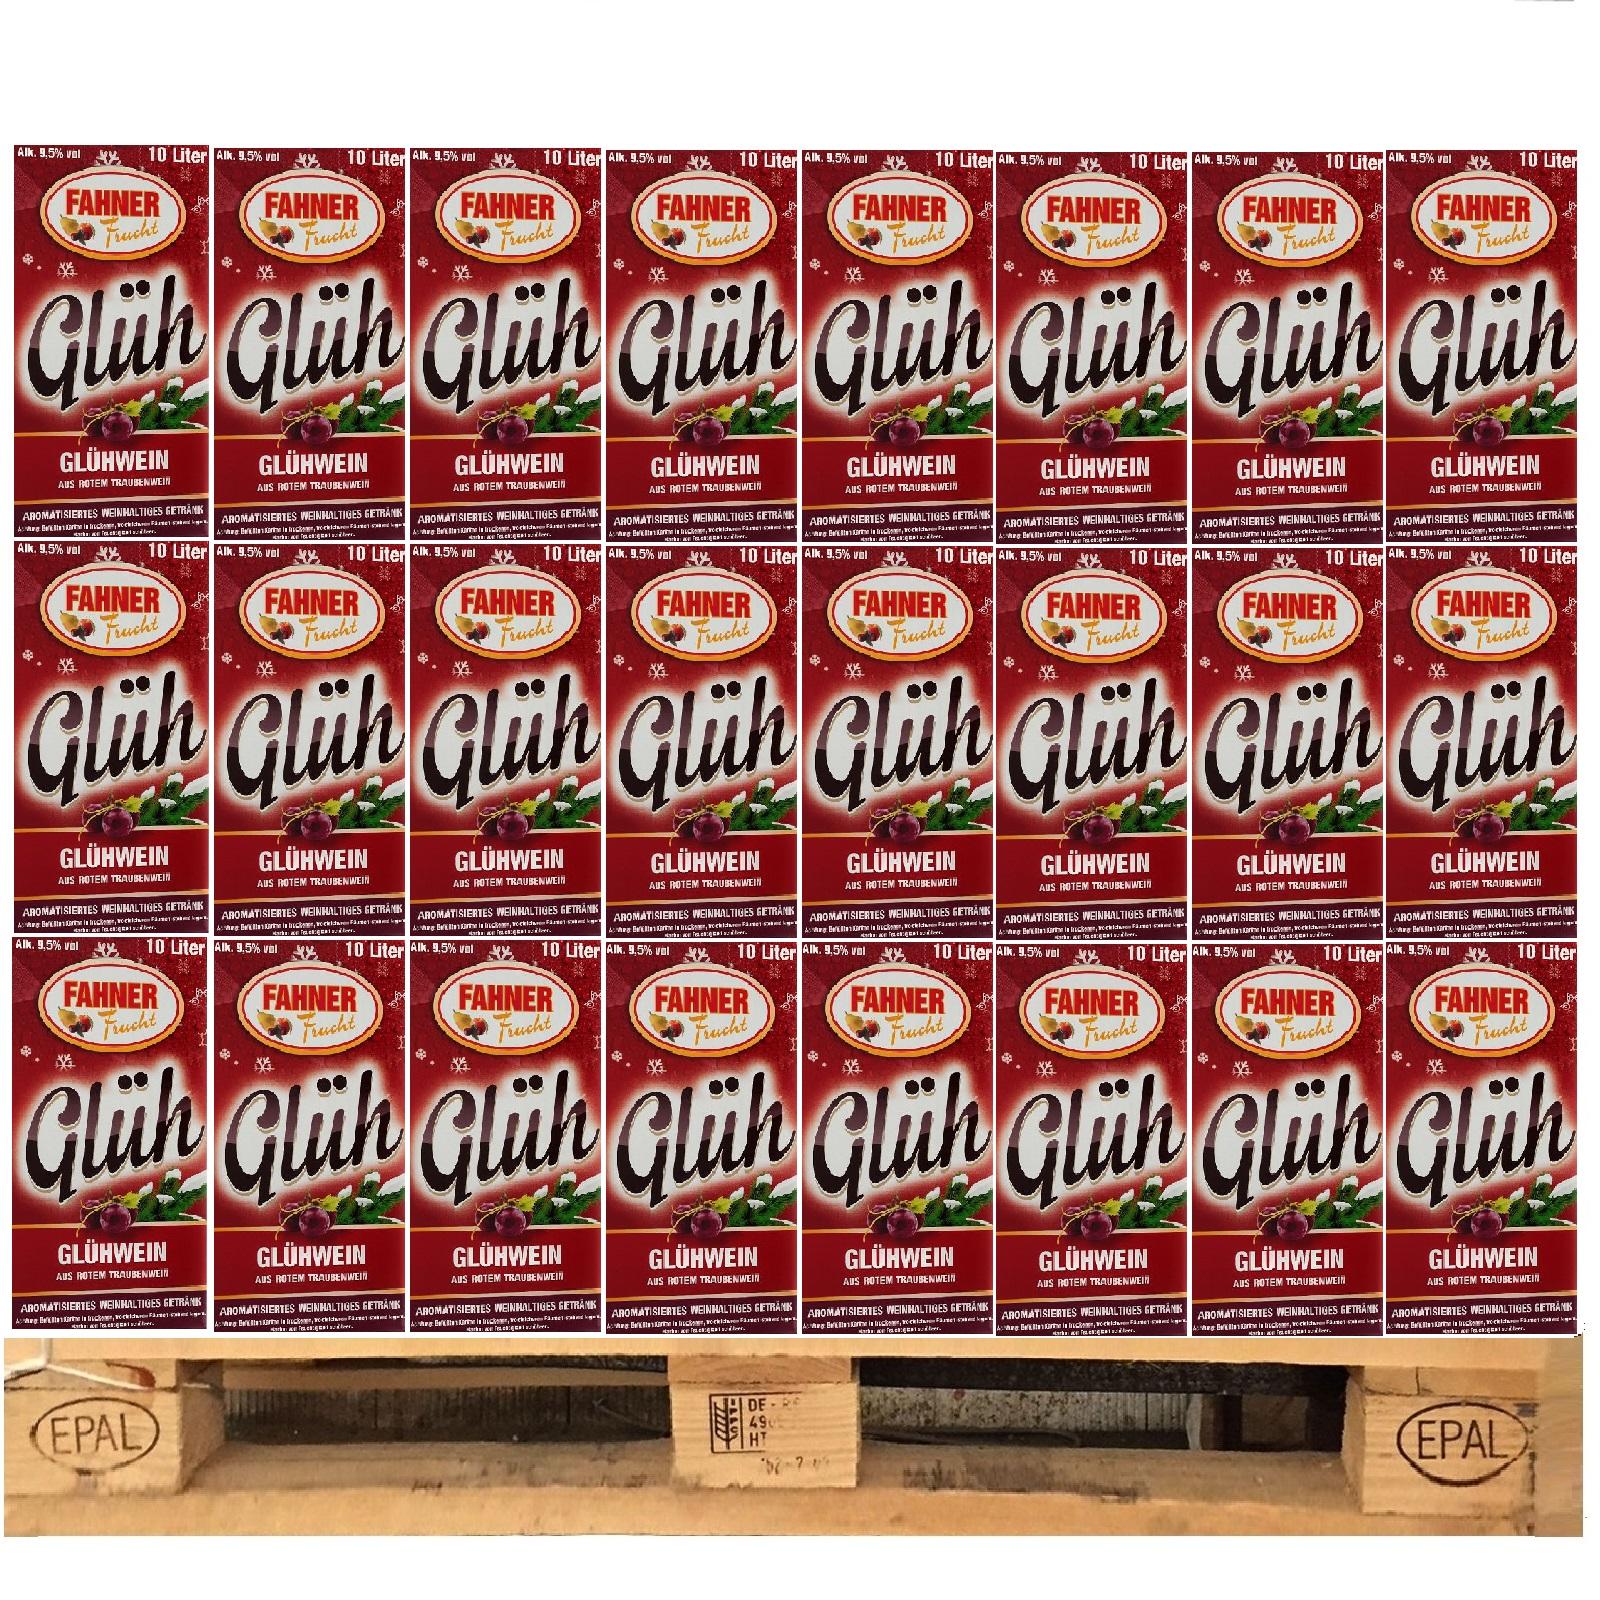 Fahner Glühwein aus Roten Traubenwein 1 Palette 48 Bag-In-Box x 10 Liter